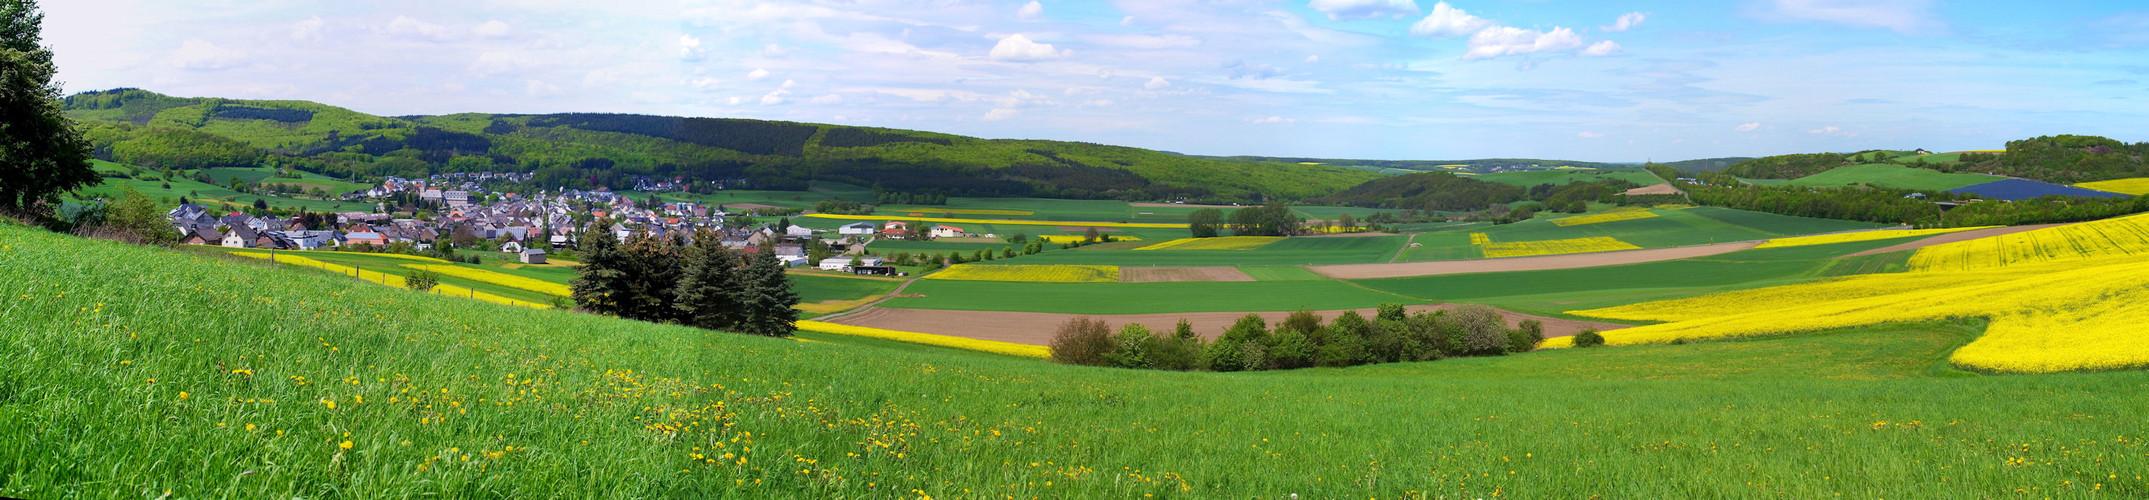 Meine Heimat, Wehr in der Eifel